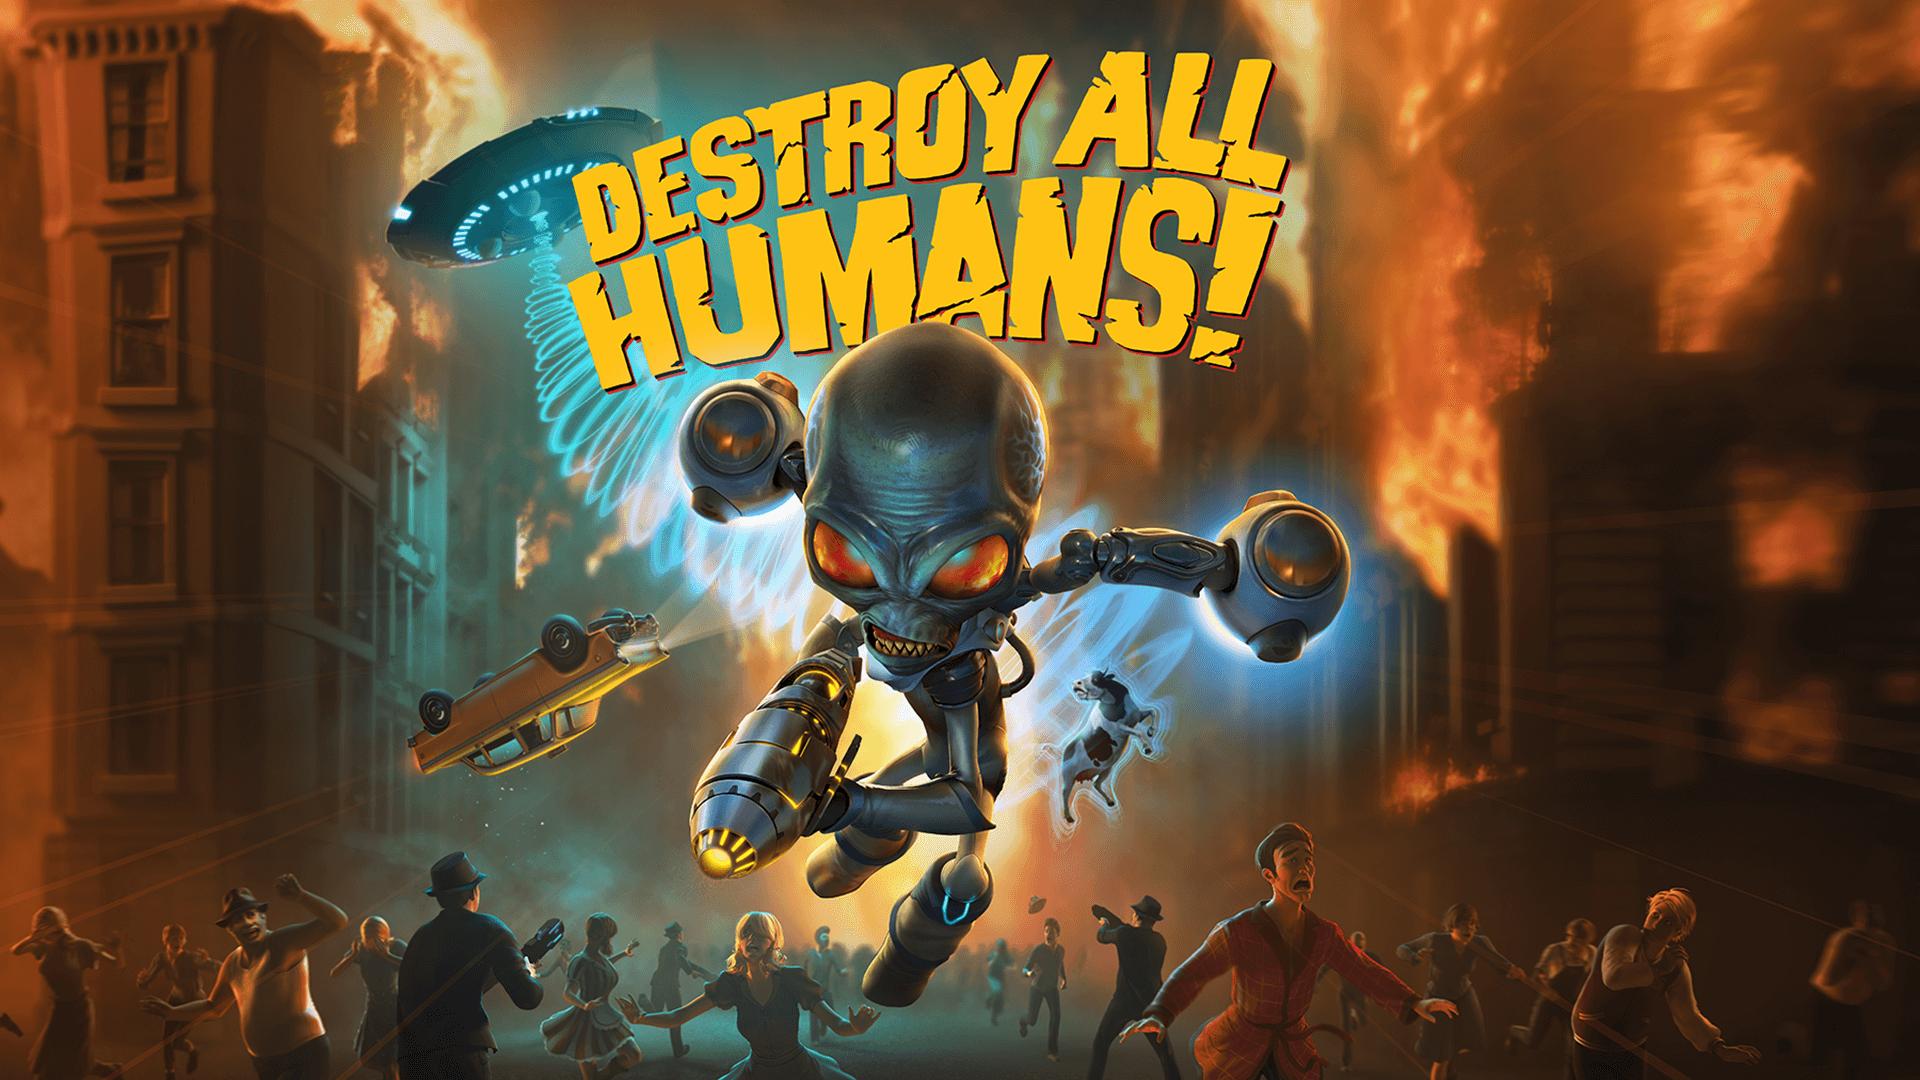 毁灭全人类:法隆之路(Destroy All Humans!)插图5